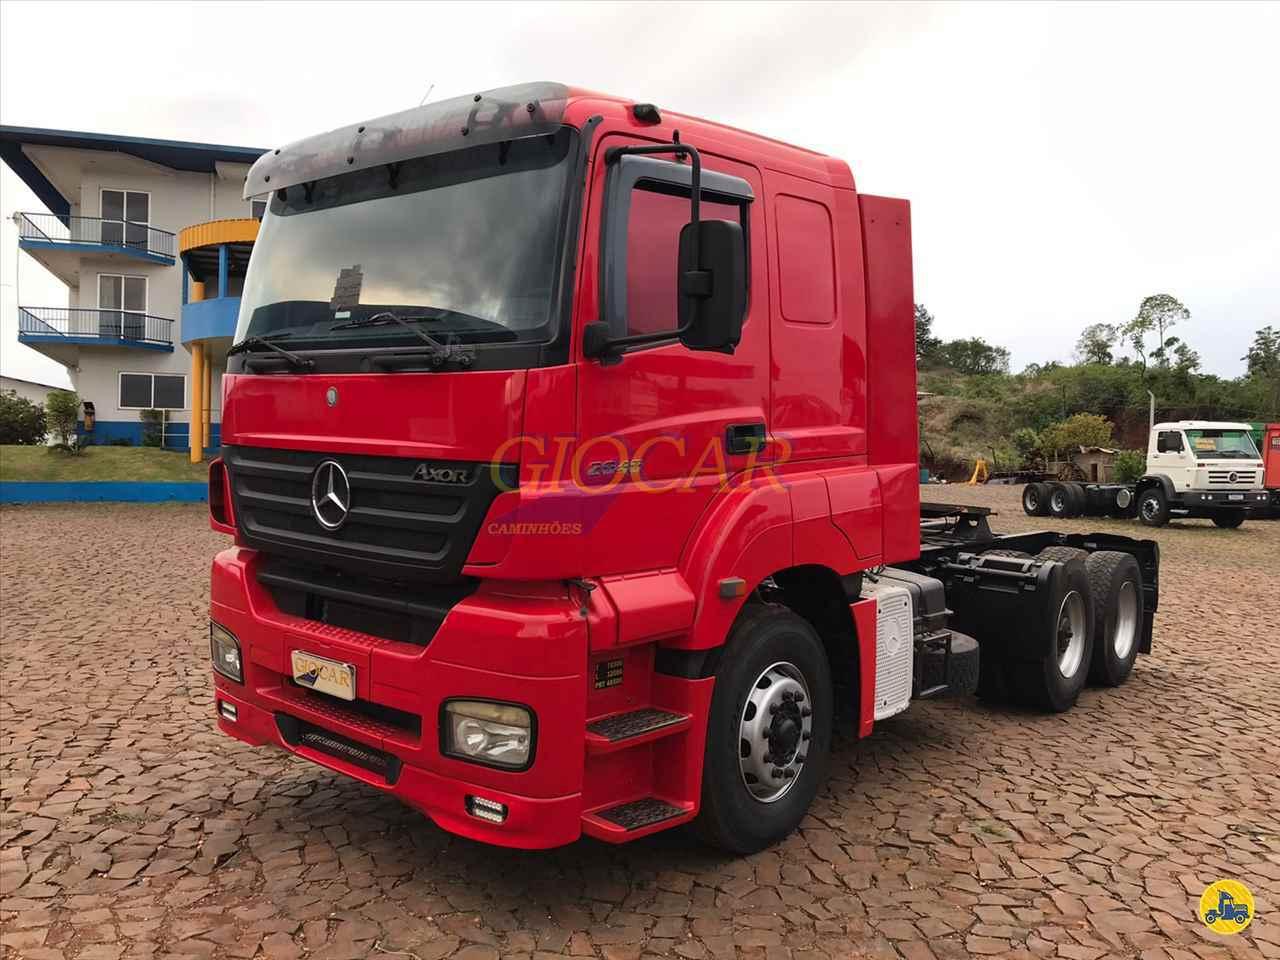 CAMINHAO MERCEDES-BENZ MB 2040 Cavalo Mecânico Truck 6x2 Giocar Caminhões PATO BRANCO PARANÁ PR